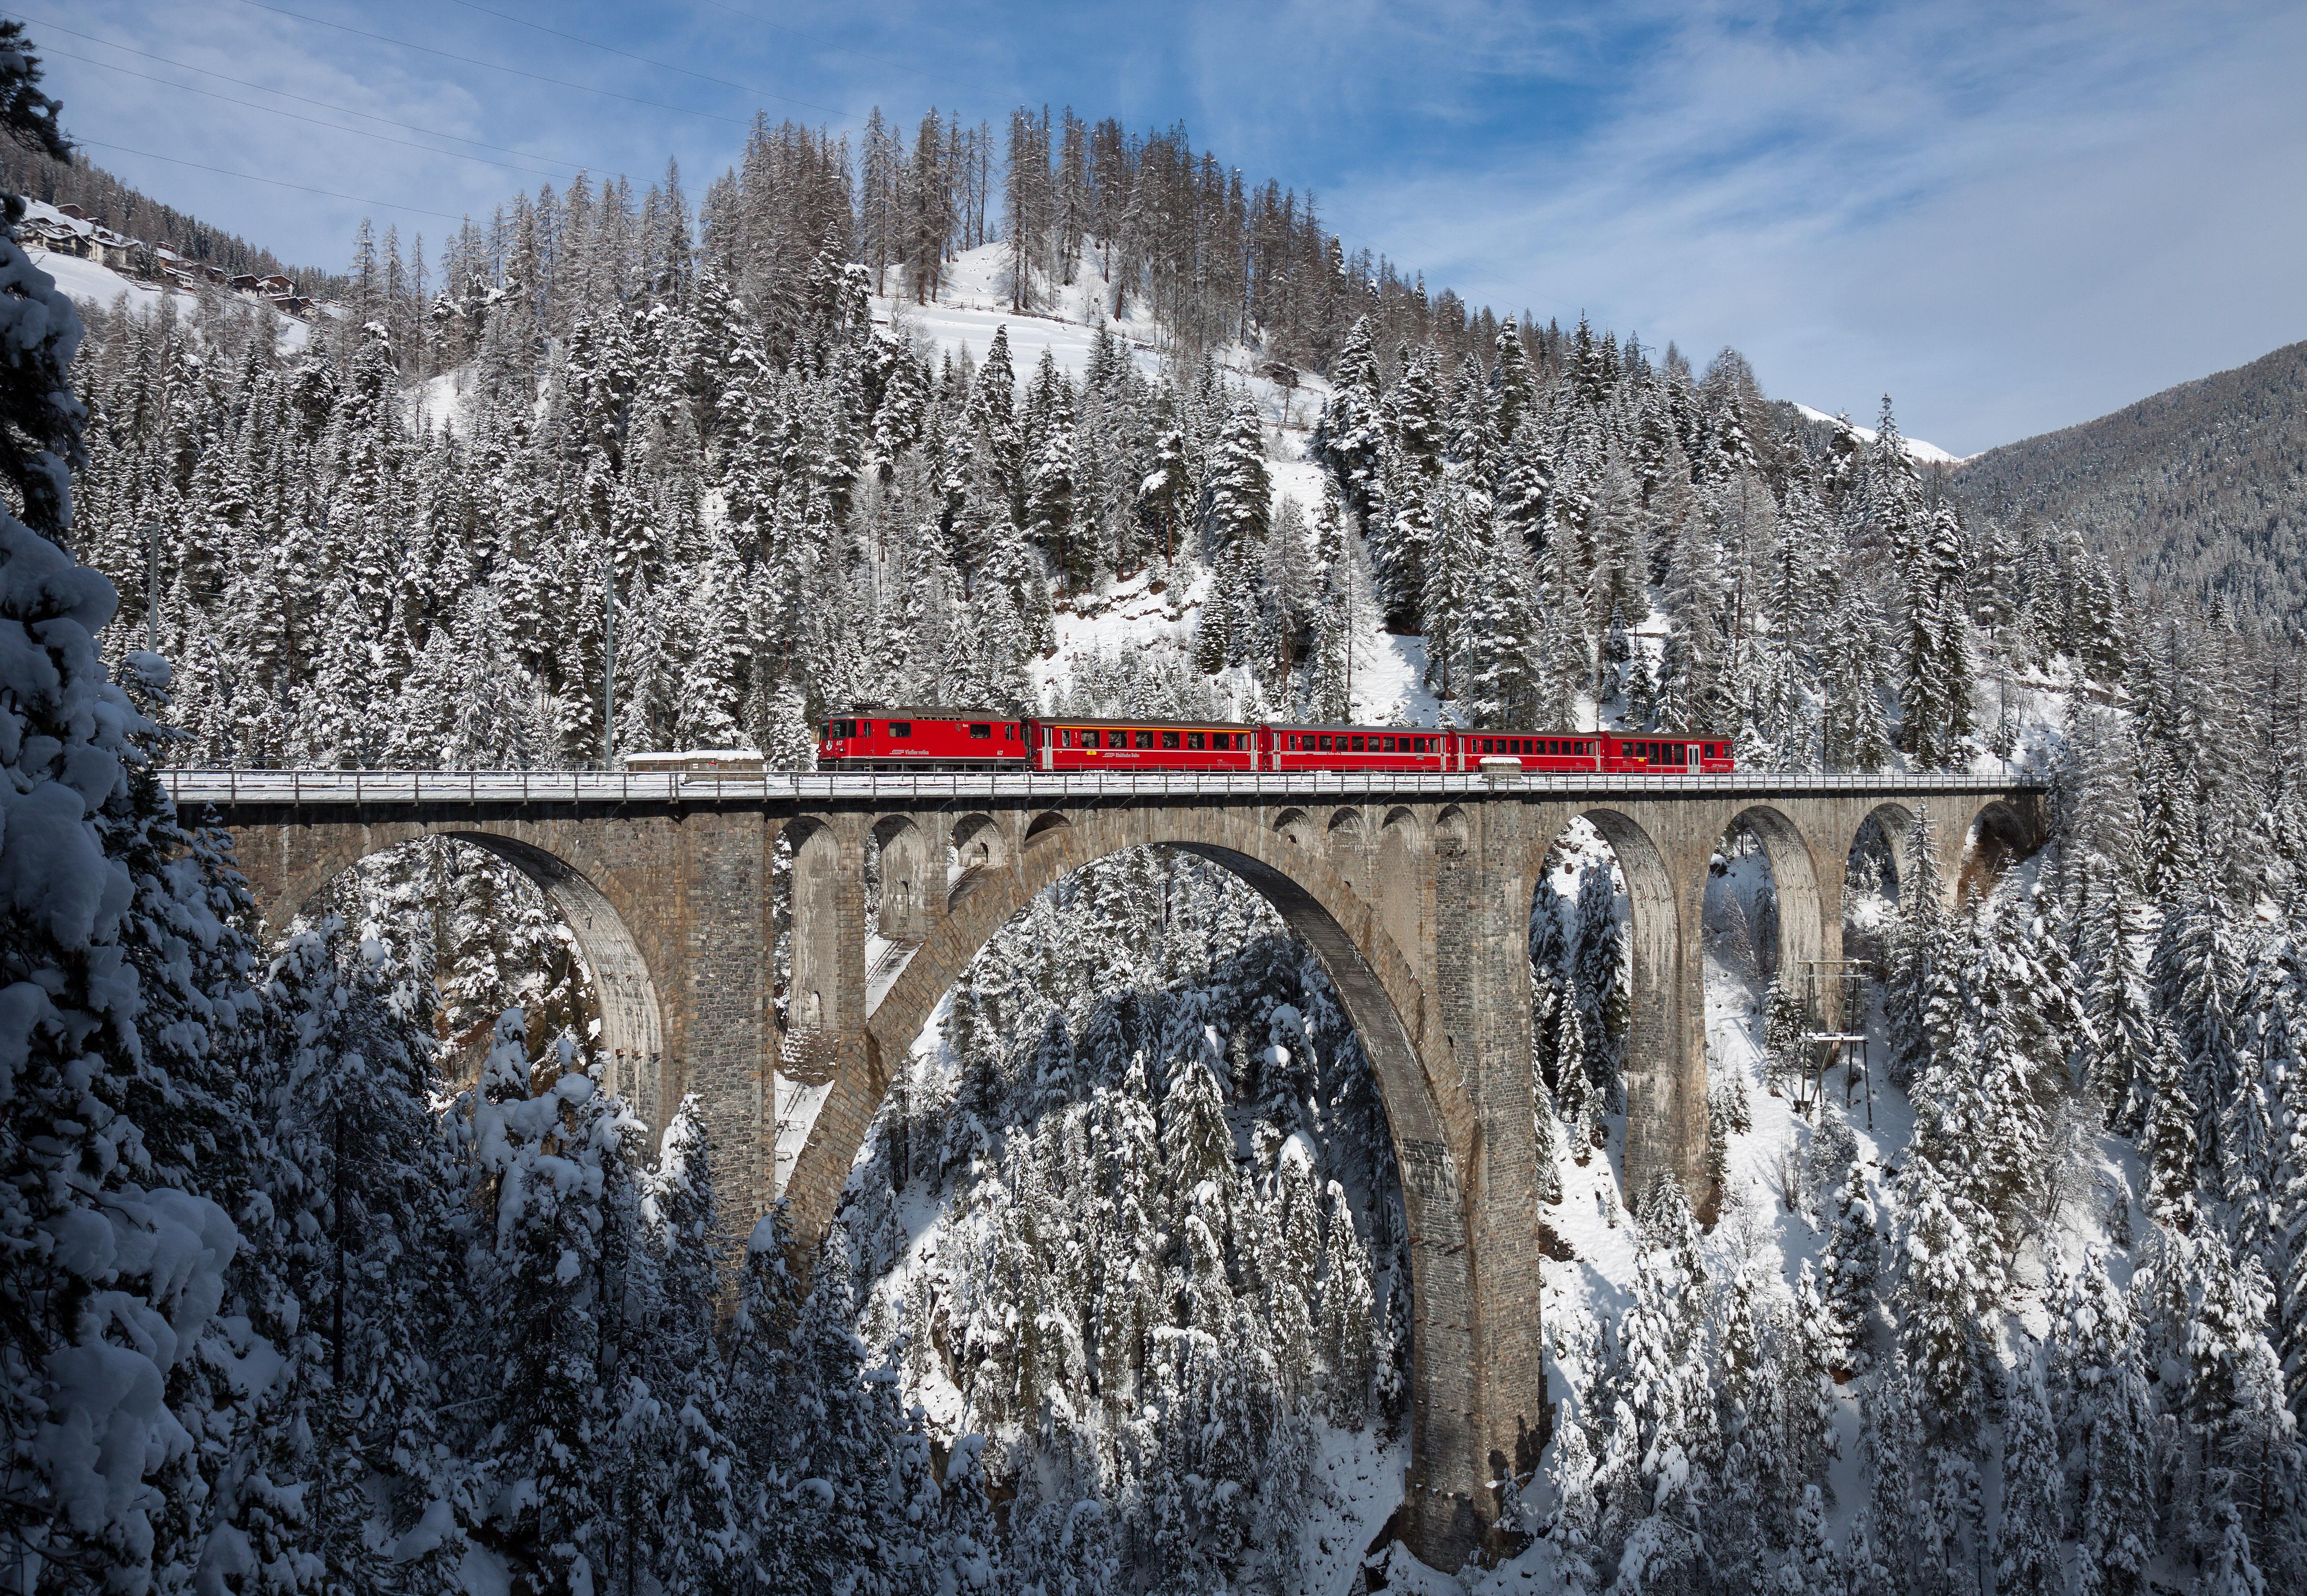 Wiesen Viaduct in Switzerland Photo by David Gubler